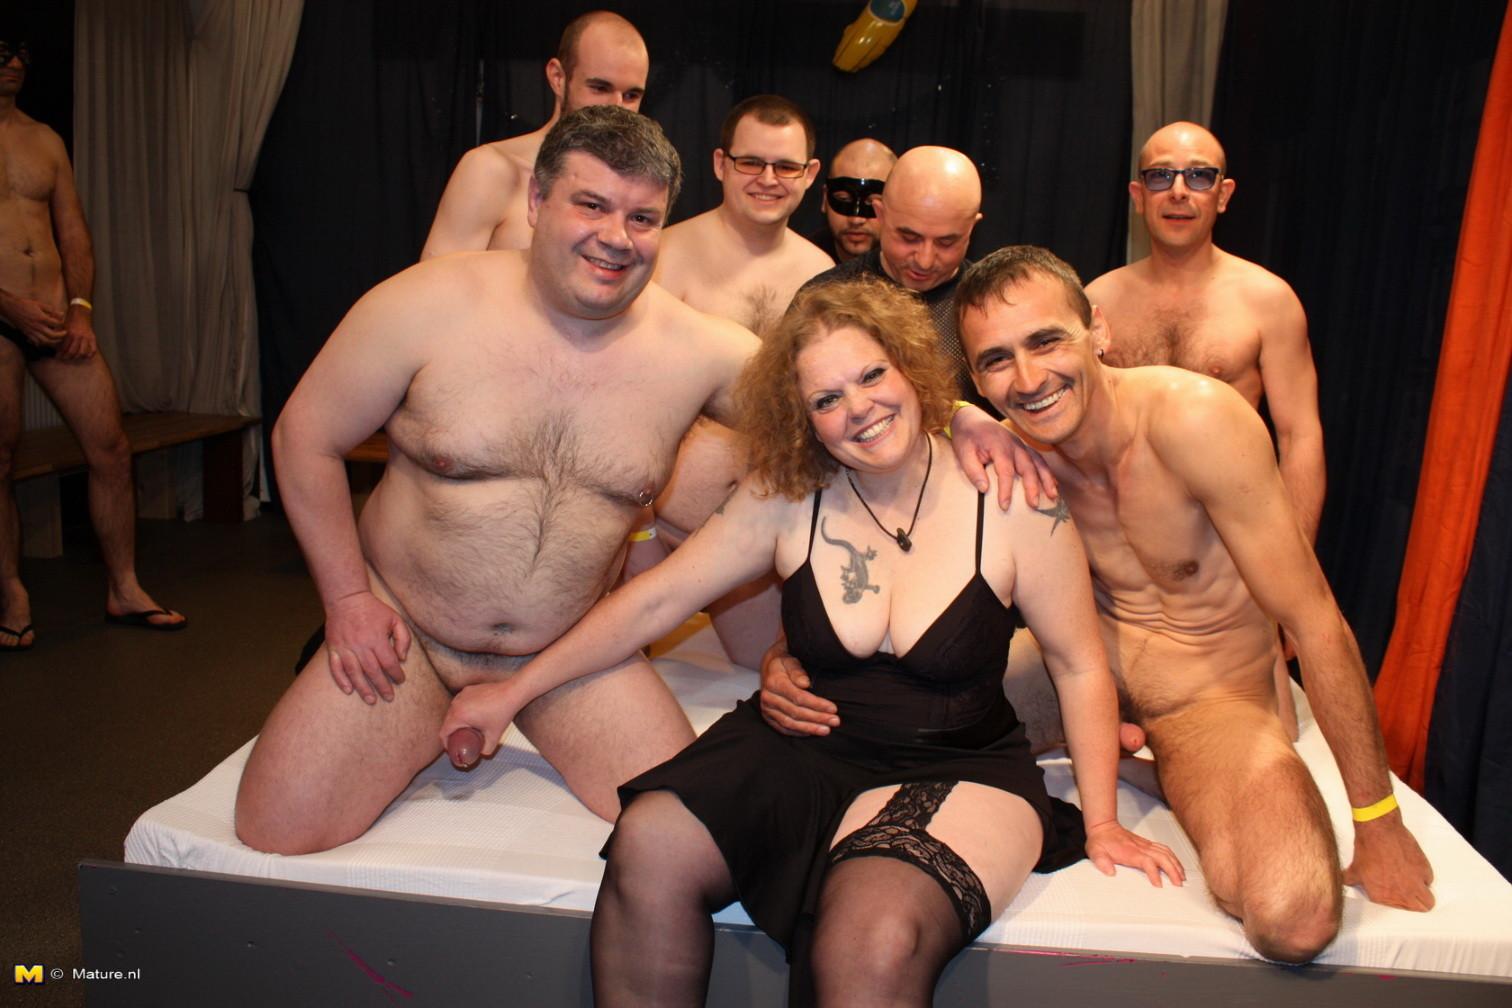 На одну толстую женщину накидываются сразу несколько самцов, и она торопится обслужить каждого